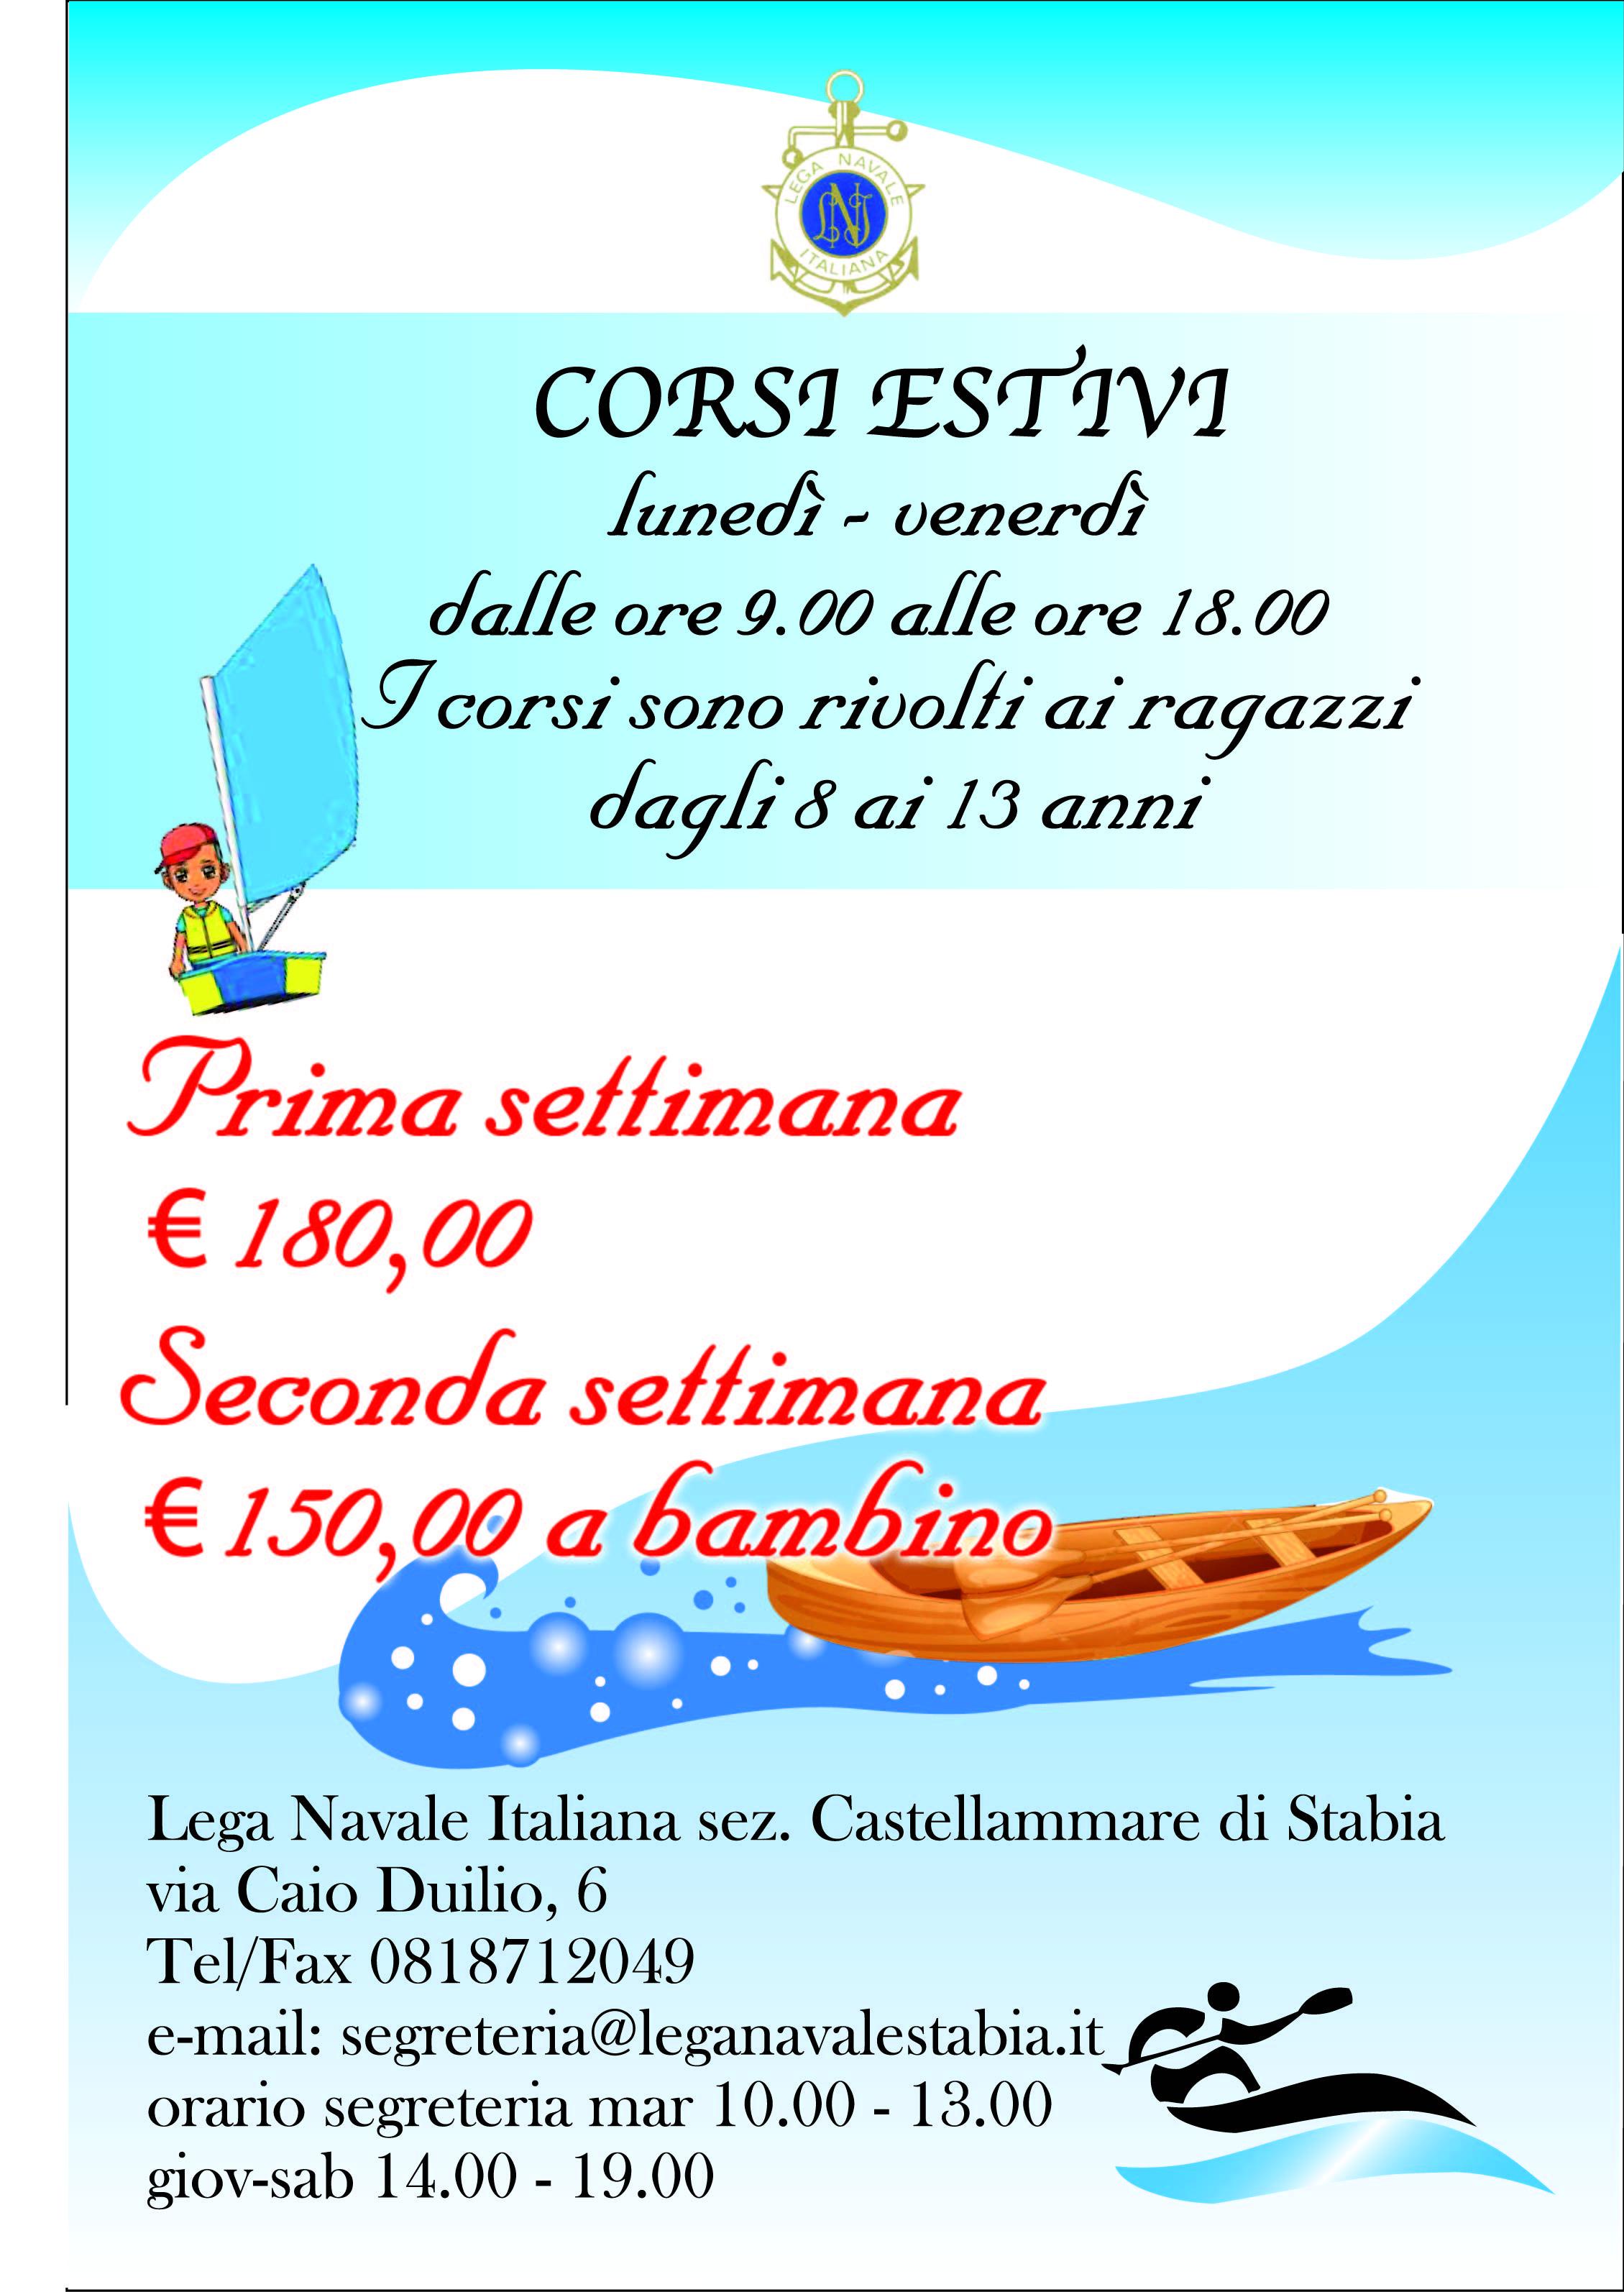 http://www.leganavalestabia.it/immagini_articoli/miniature/11399460508.jpg